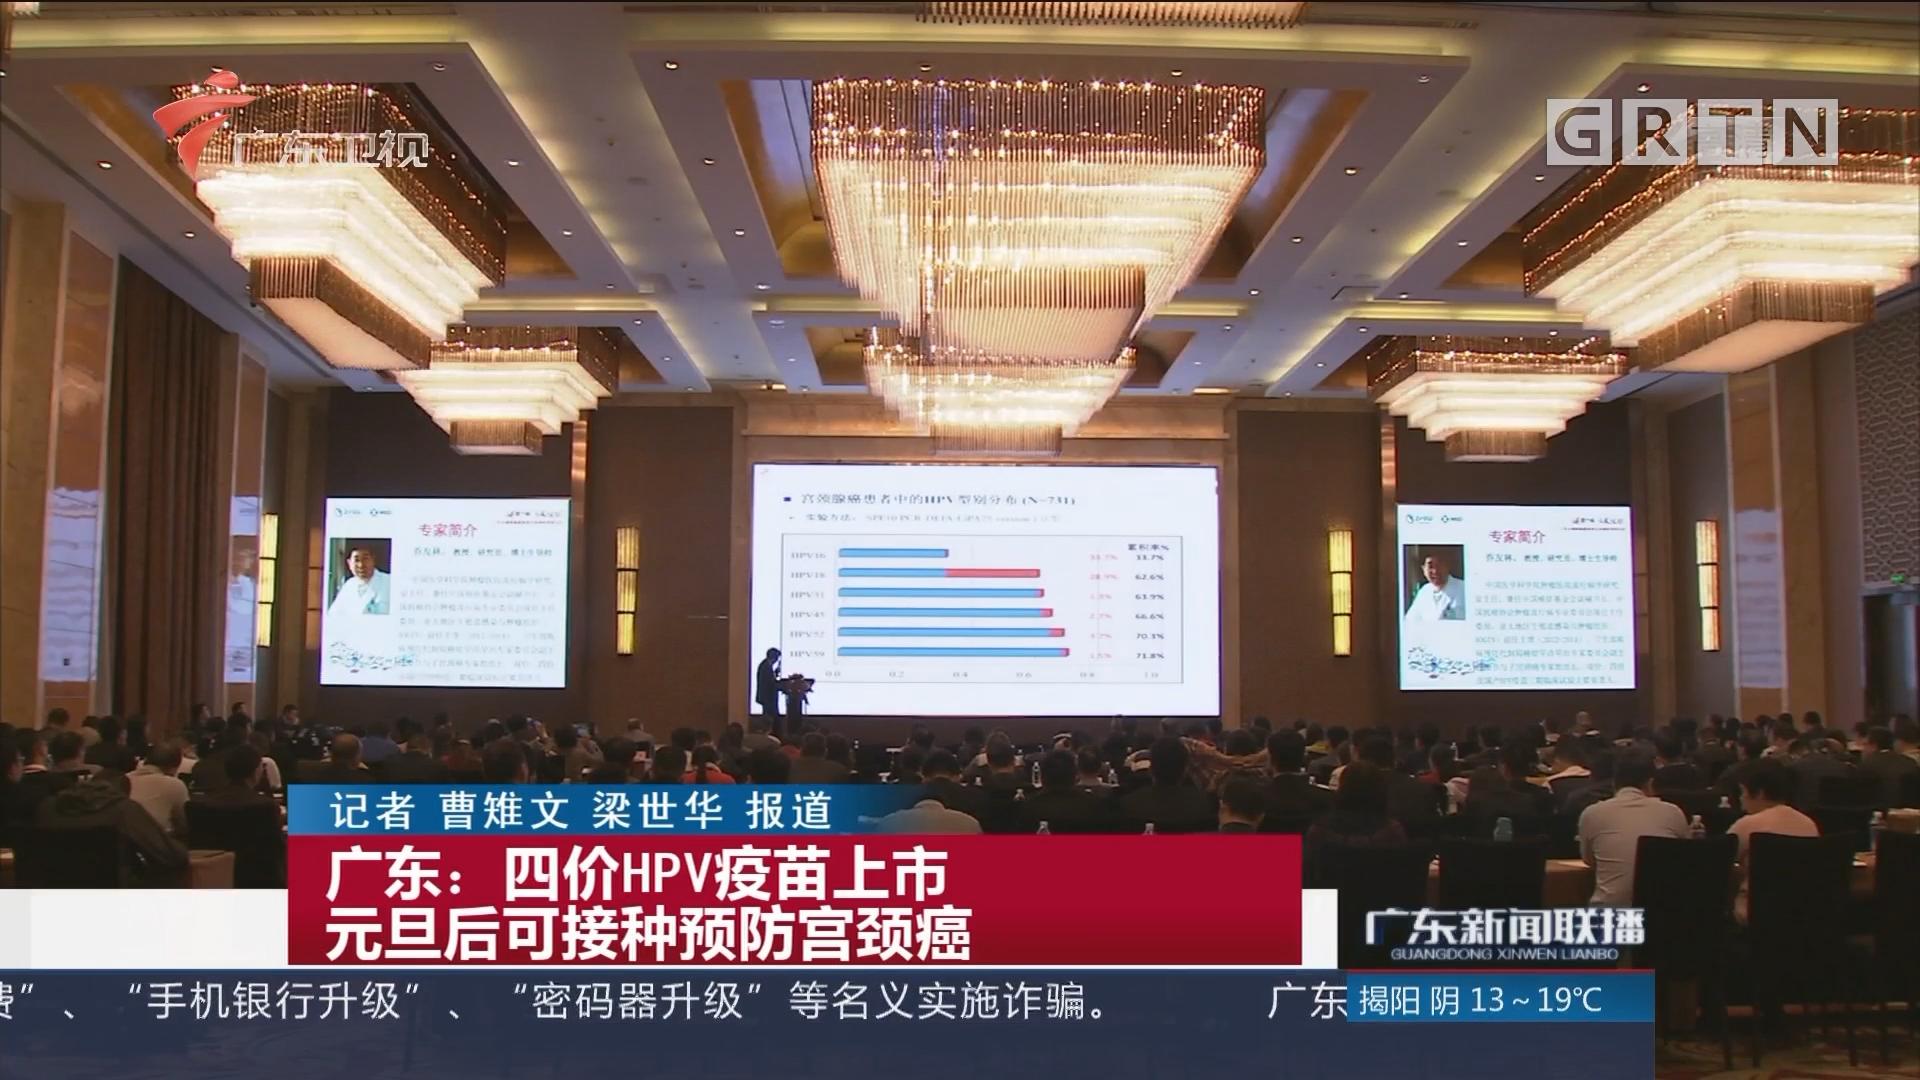 广东:四价HPV疫苗上市 元旦后可接种预防宫颈癌